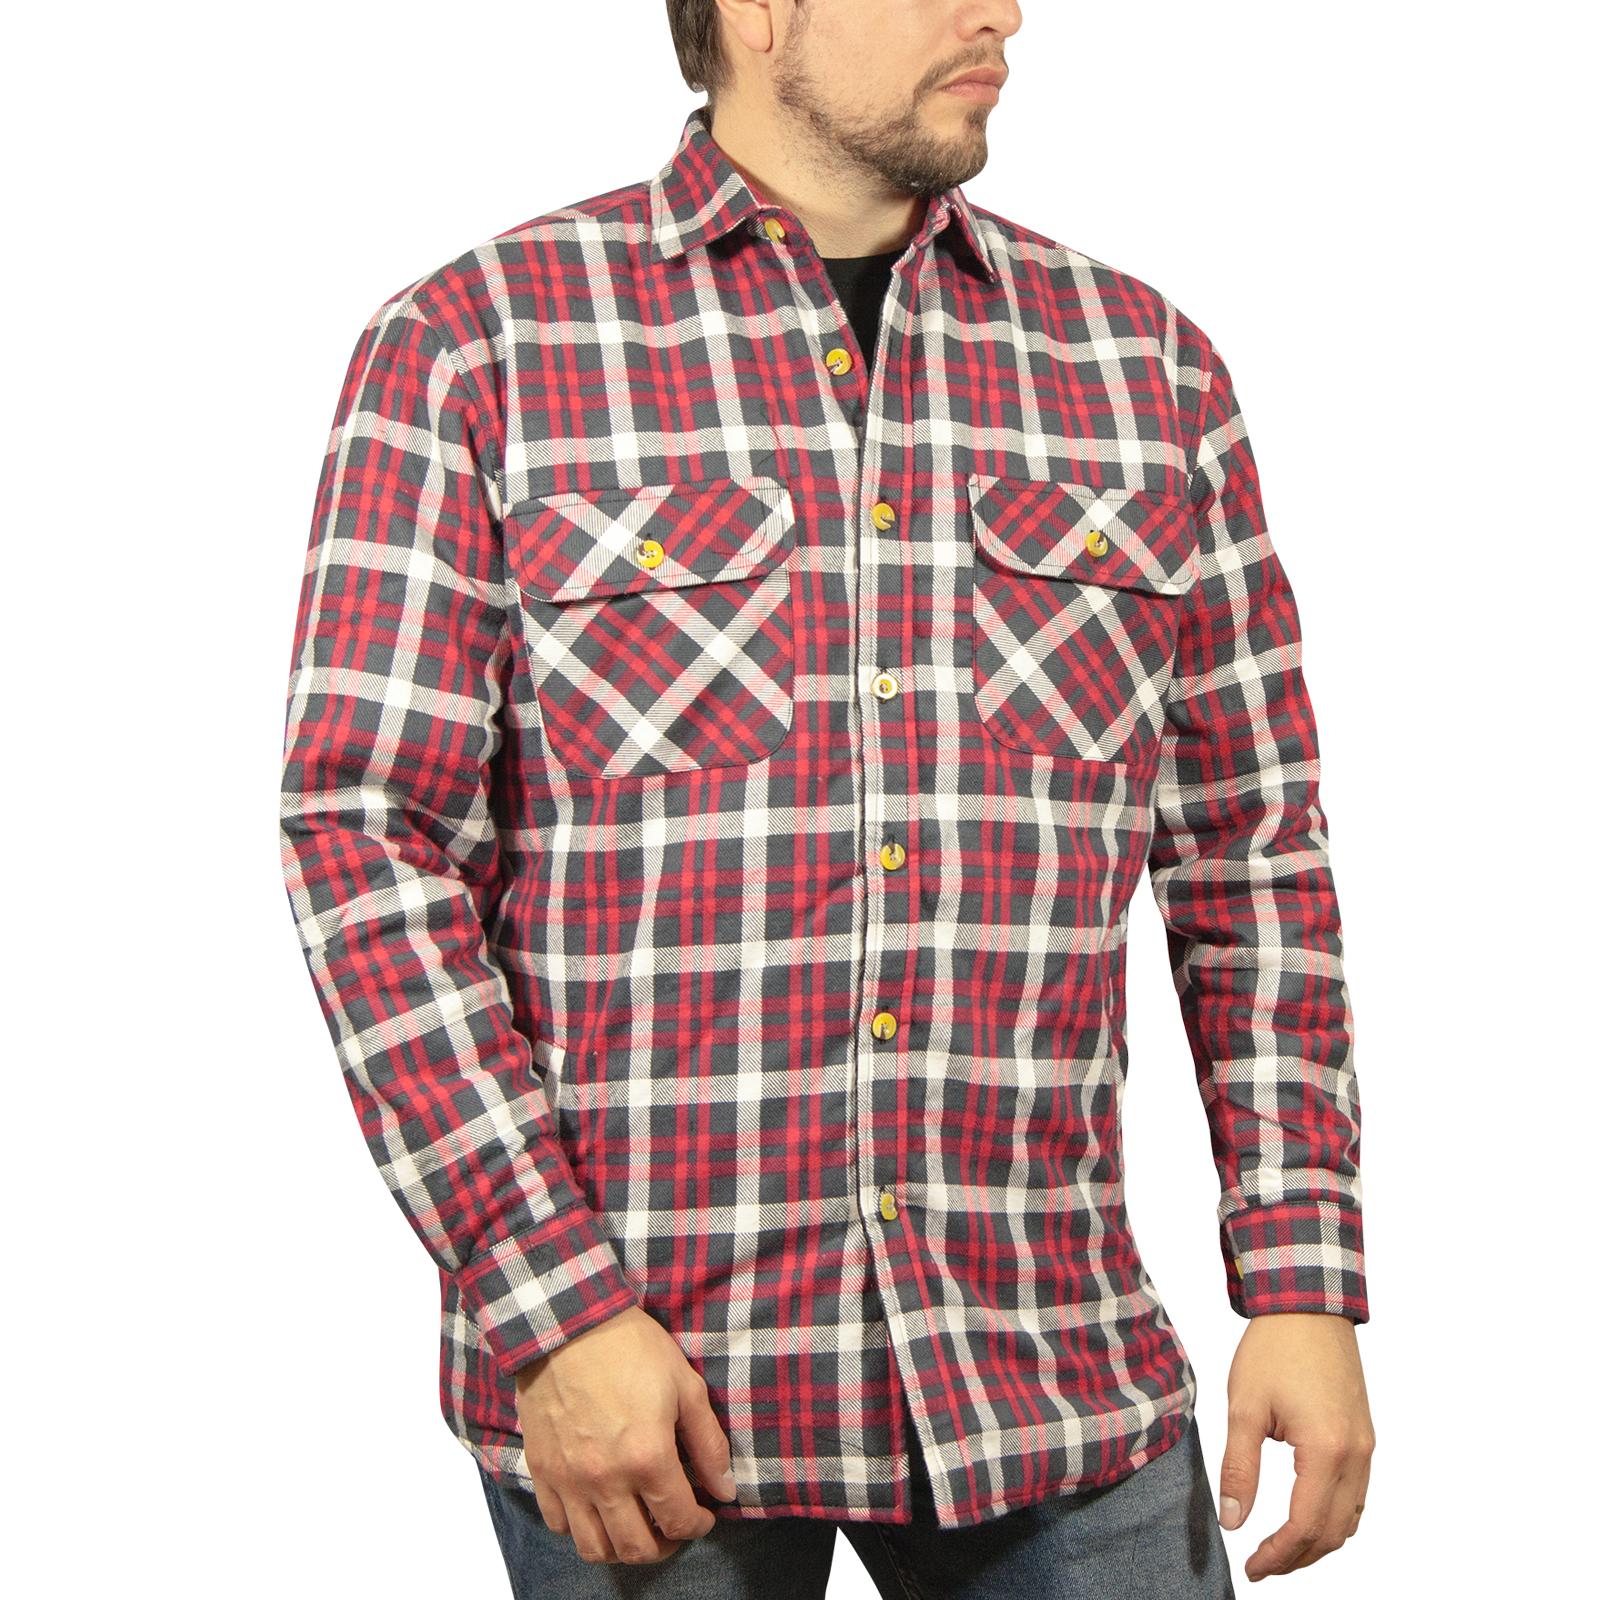 Chaqueta-Acolchada-flanelita-Camisa-Hombre-100-algodon-acolchado-caliente-de-invierno-franela miniatura 44